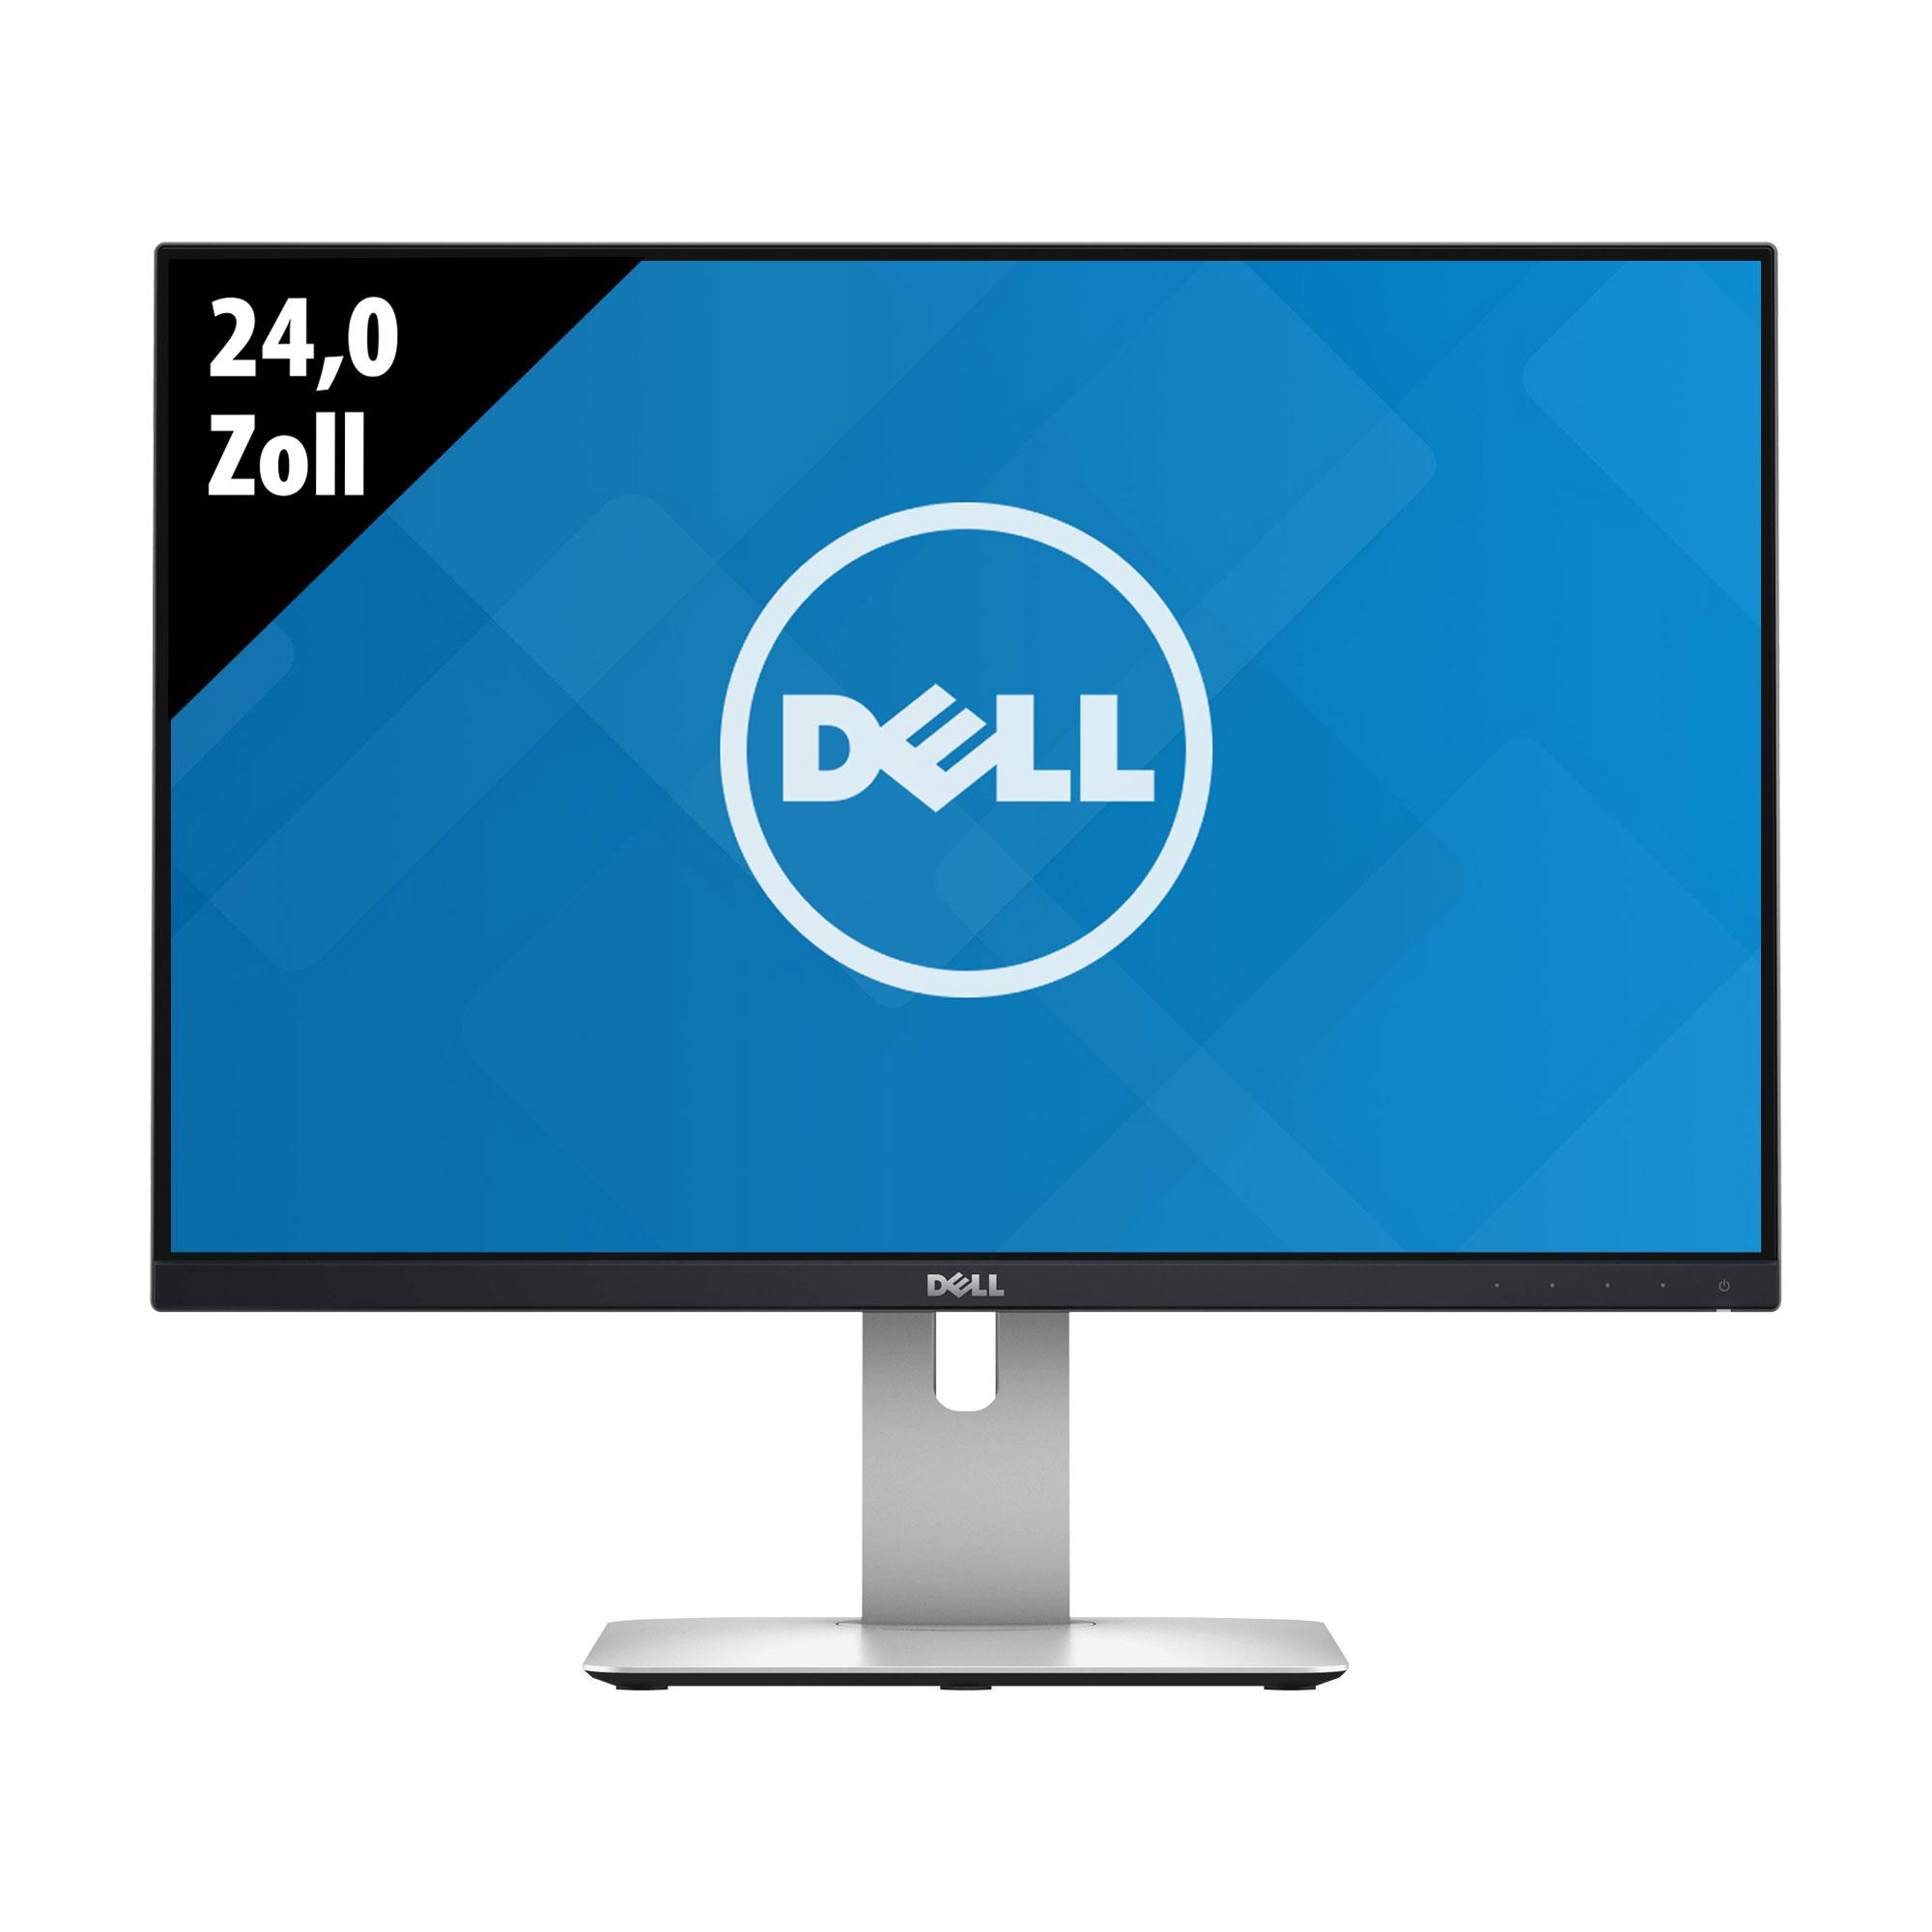 """[Gebrauchtware] Dell U2415b (24.1"""", 1920x1200, IPS, 300cd/m², 99% sRGB, 60Hz, 2x HDMI, DP-In, DP-Out, MiniDP, 5x USB-A 3.0, Pivot, 1J Gar.)"""